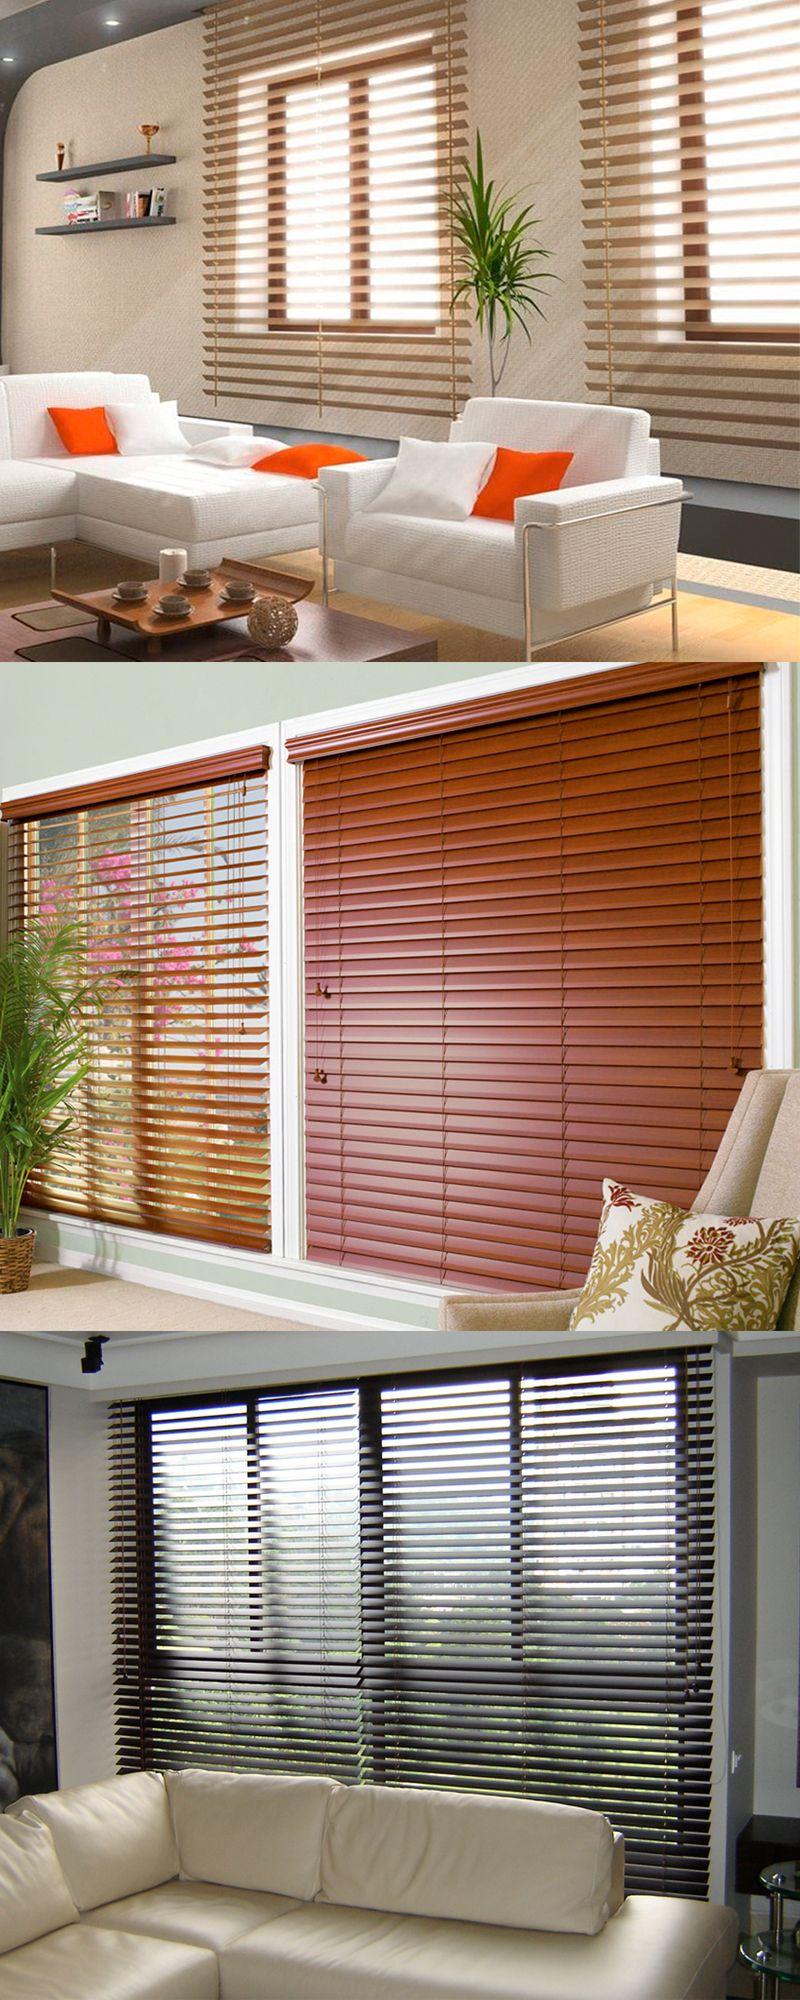 La persiana de madera est elaborada con la m s fina - Persiana enrollable madera ...